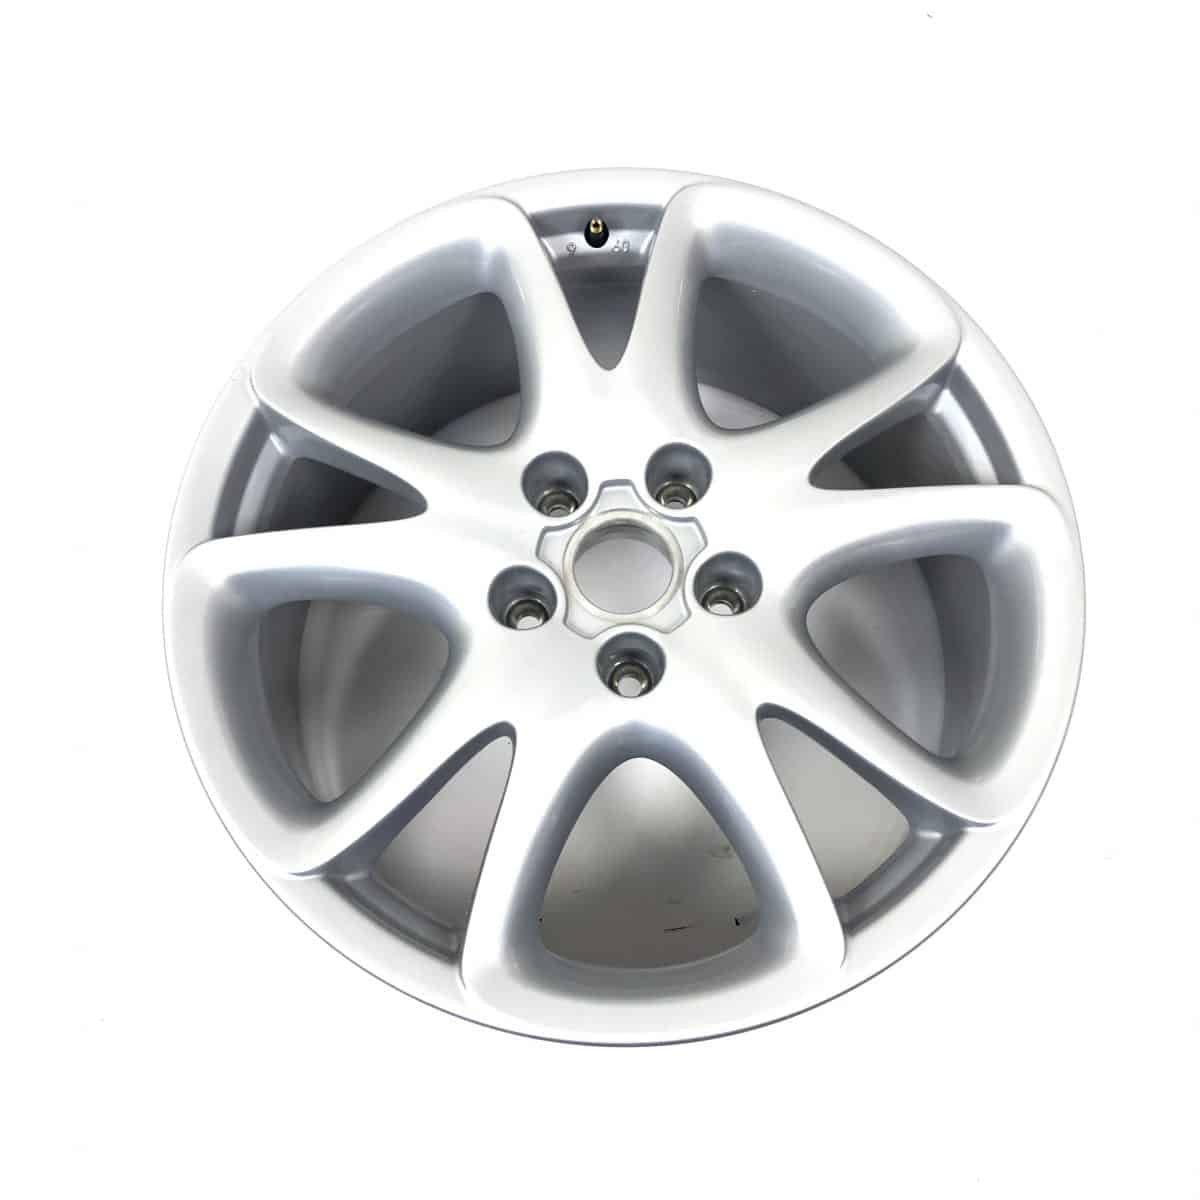 """Genuine Porsche Cayenne 955 957 Sport Design 20"""" inch Alloy Wheels with Silver Finish 715 601 025 N"""